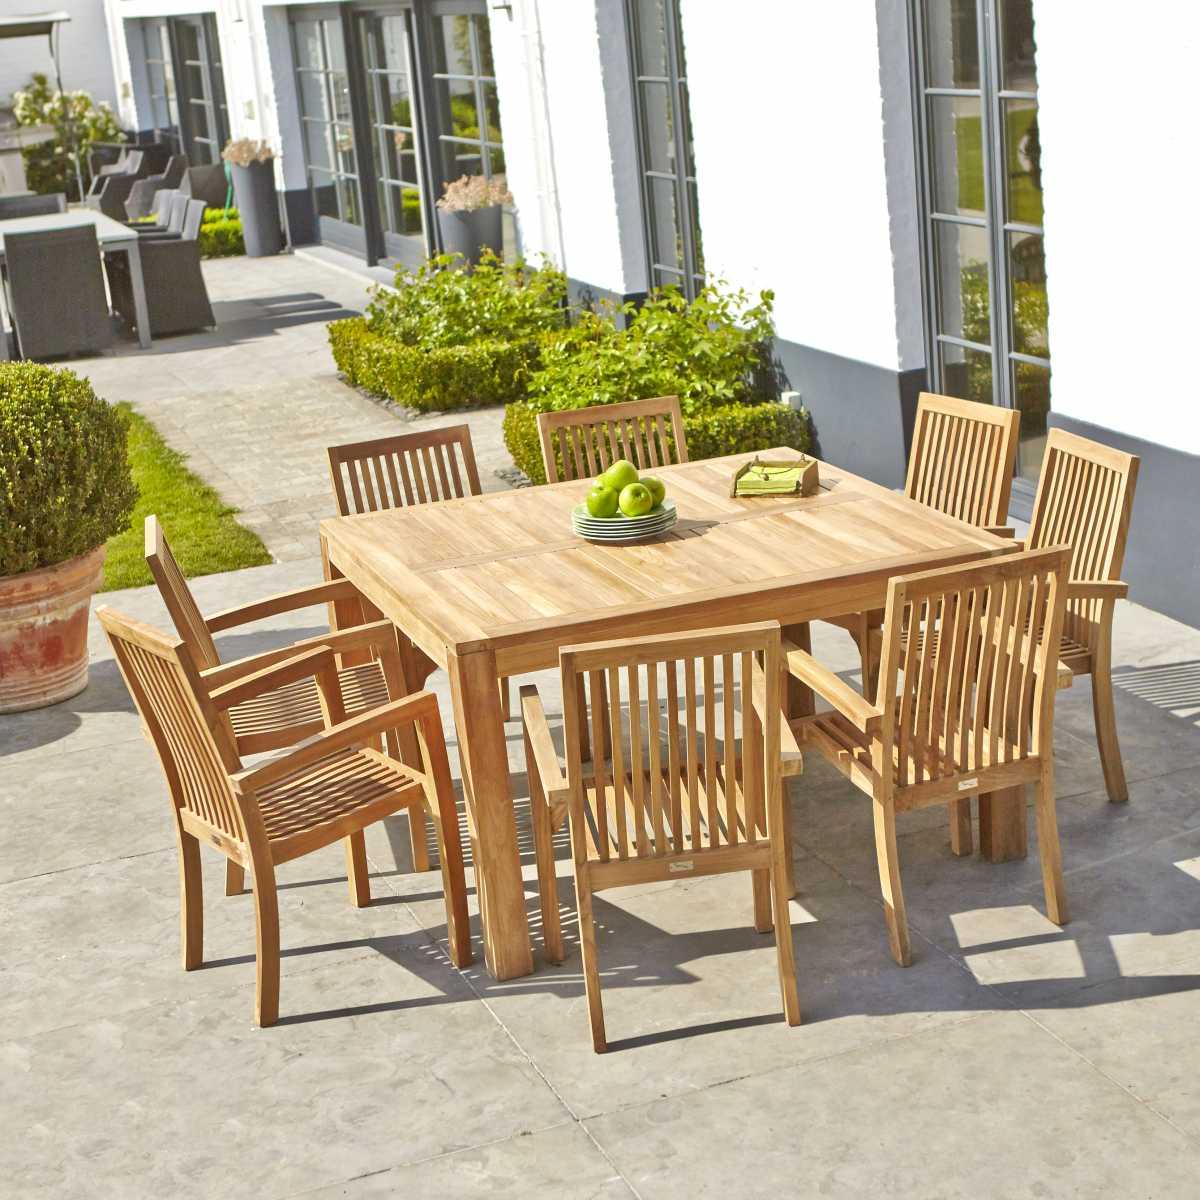 Salon De Jardin Carré En Teck 8 Places Midland | Bois Dessus ... encequiconcerne Table De Jardin Carre